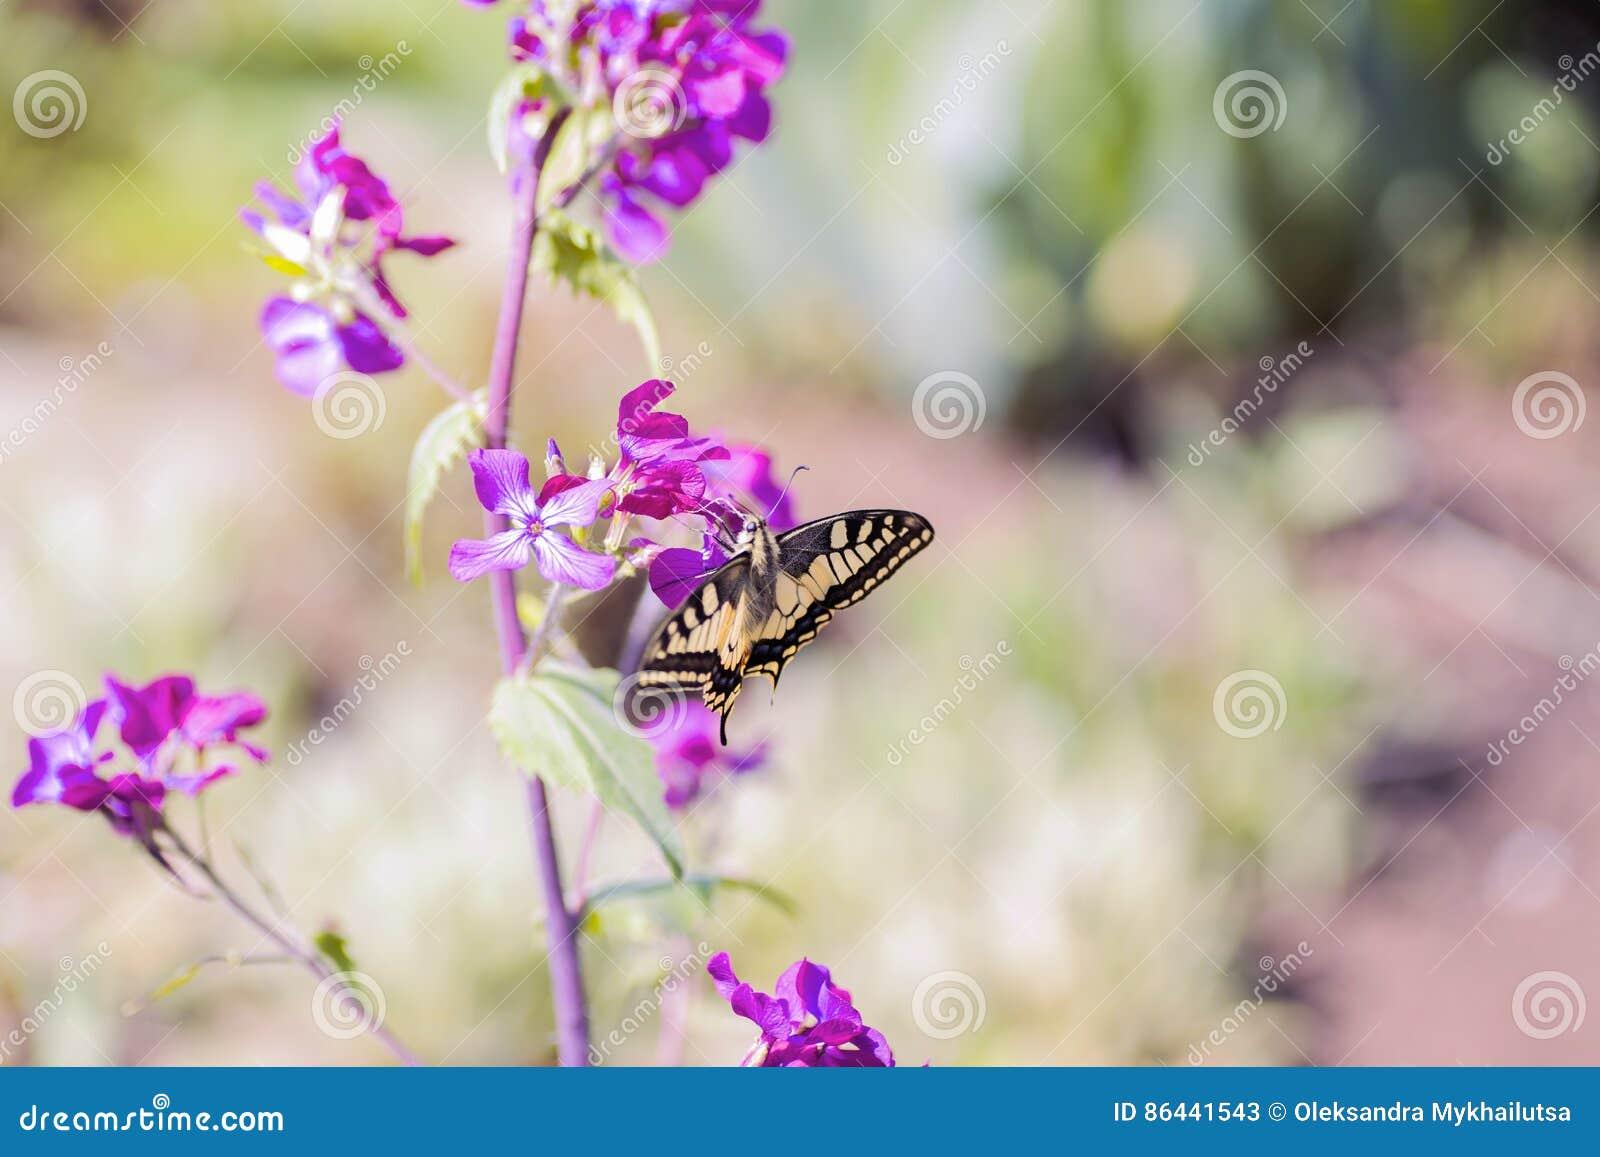 Zakończenie motyli Swallowtail na kwiatach w ogródzie